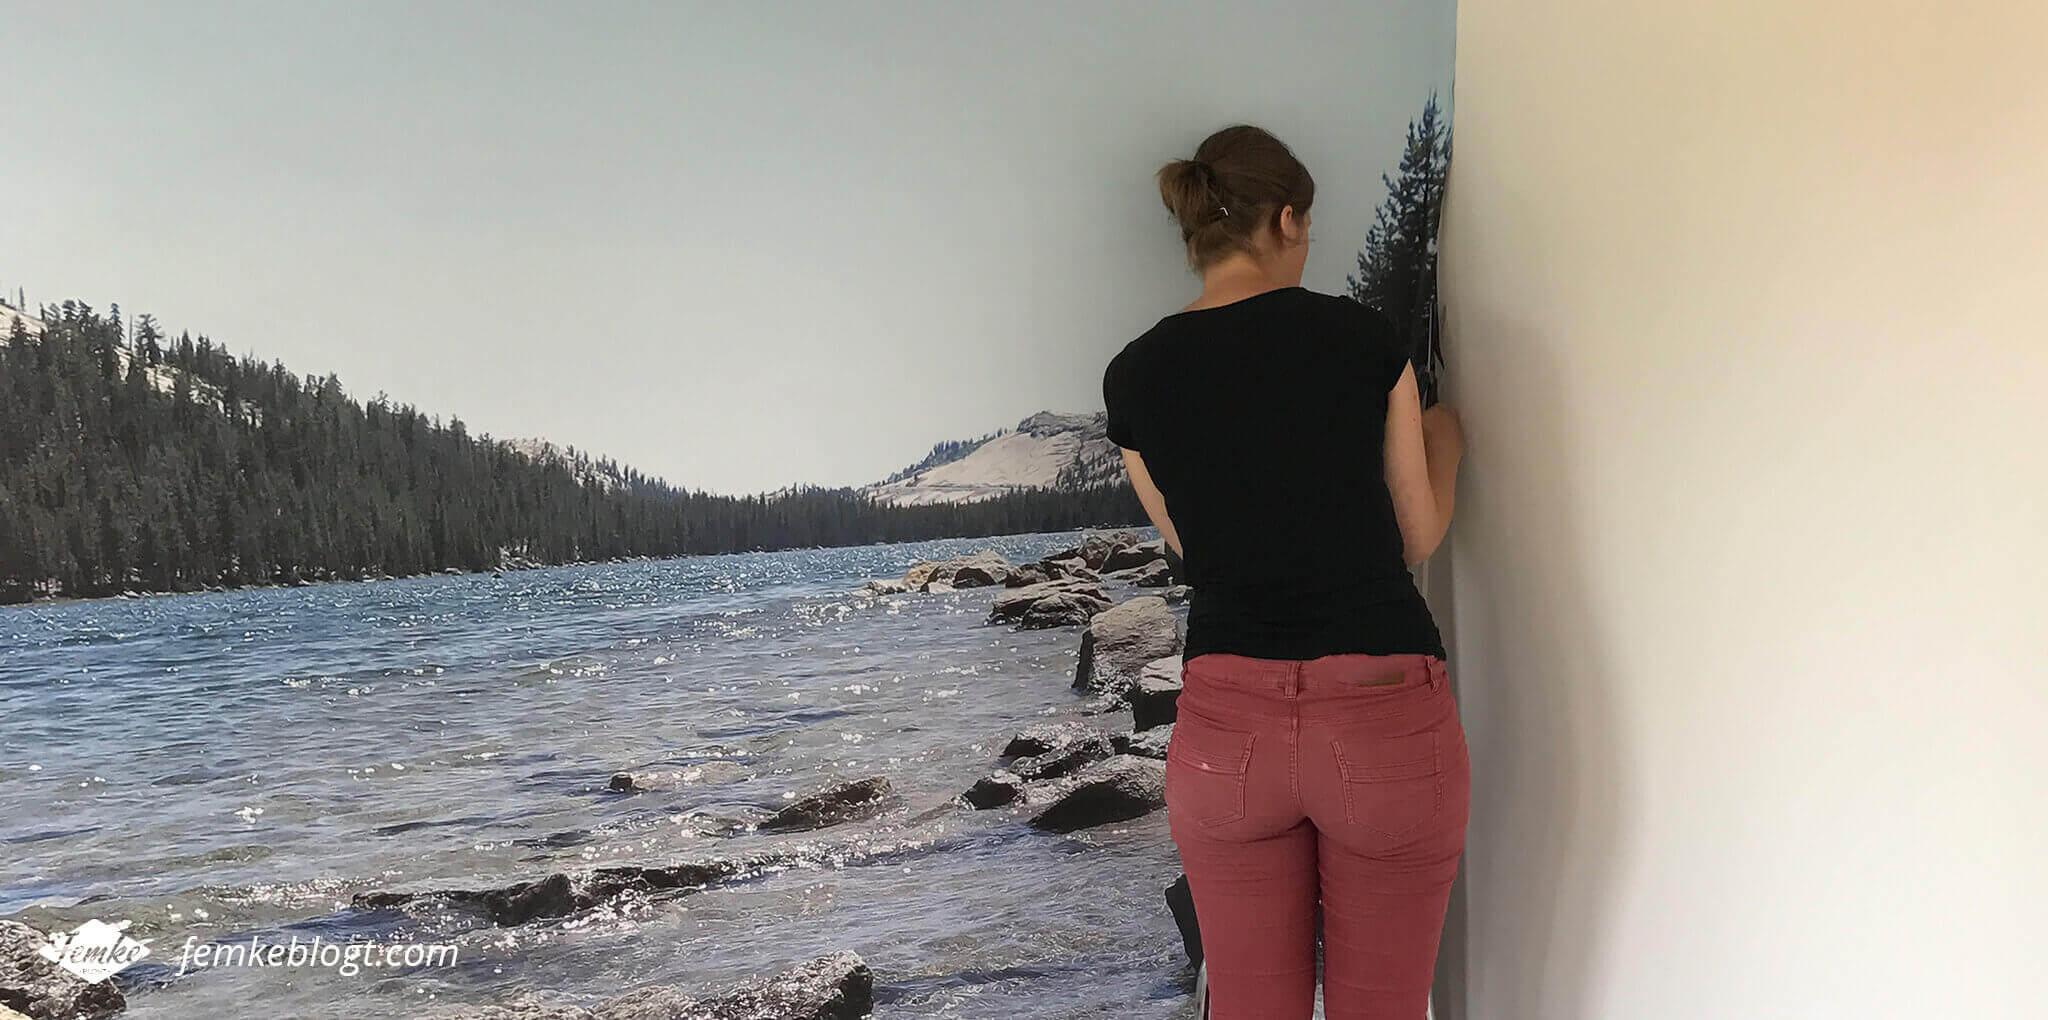 DIY fotobehang van je eigen foto | Fotobehang ophangen en afwerken